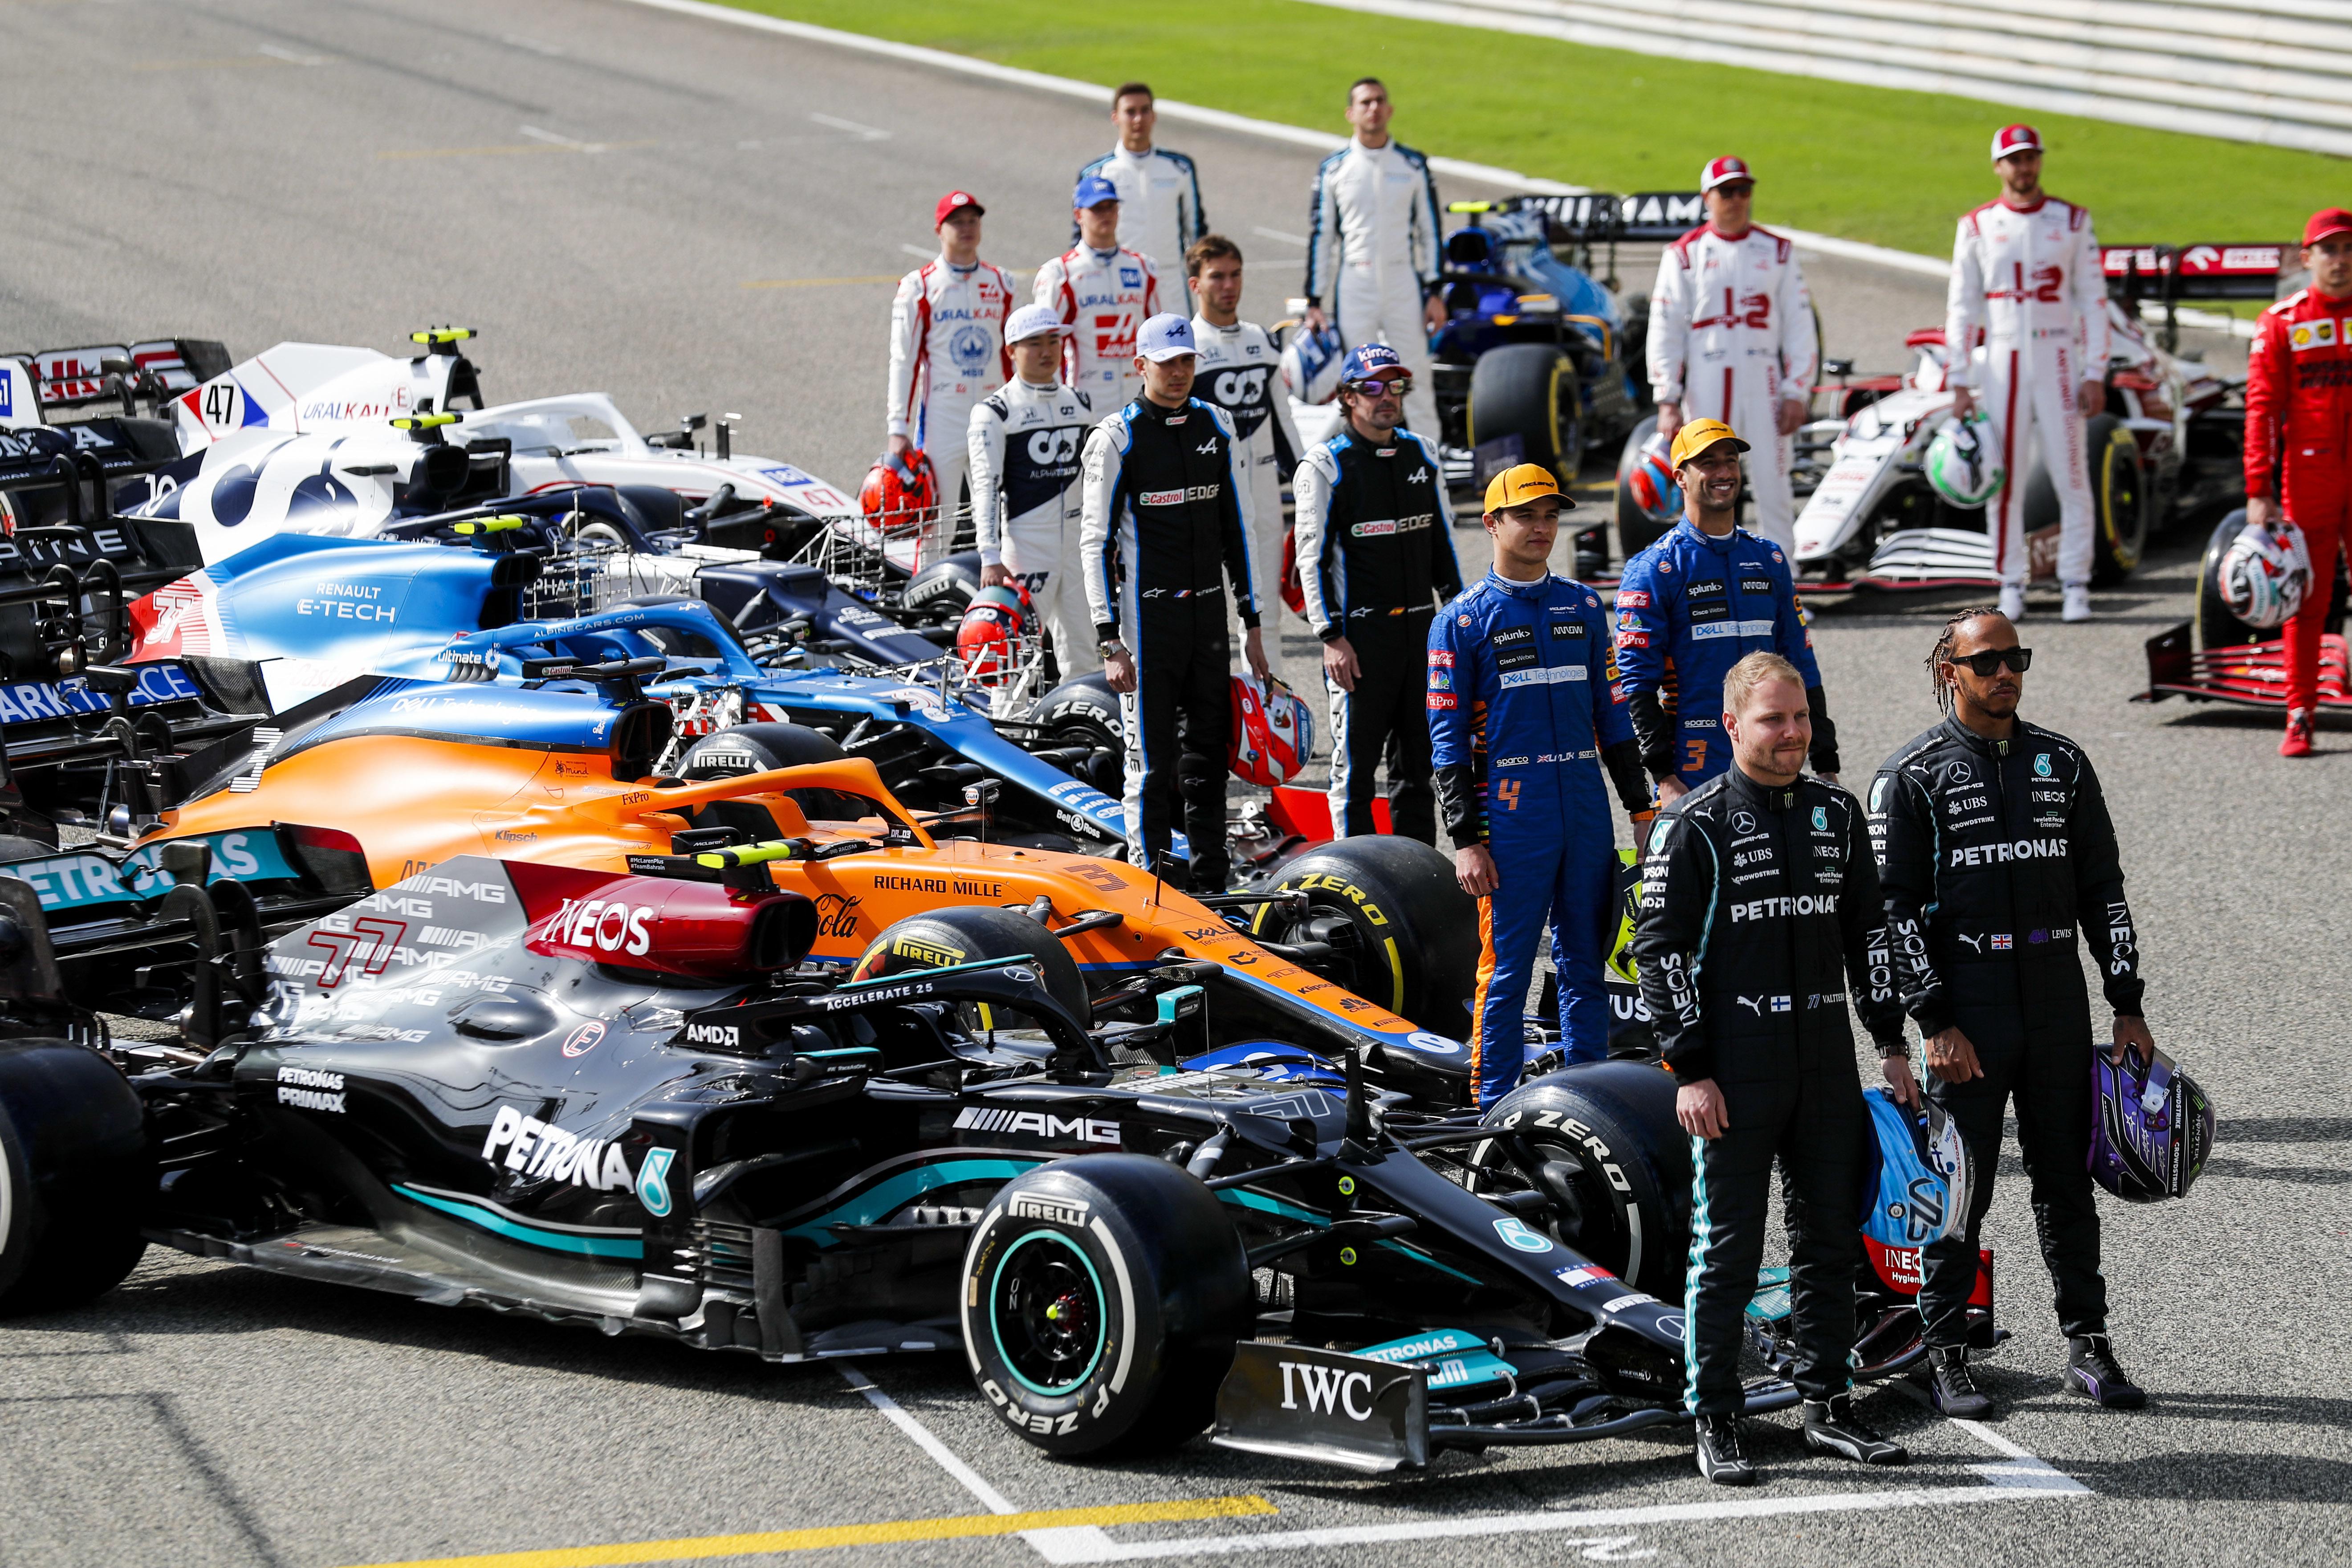 Rossz hír Hamiltonéknak: így vághatják meg az F1-esek fizetését